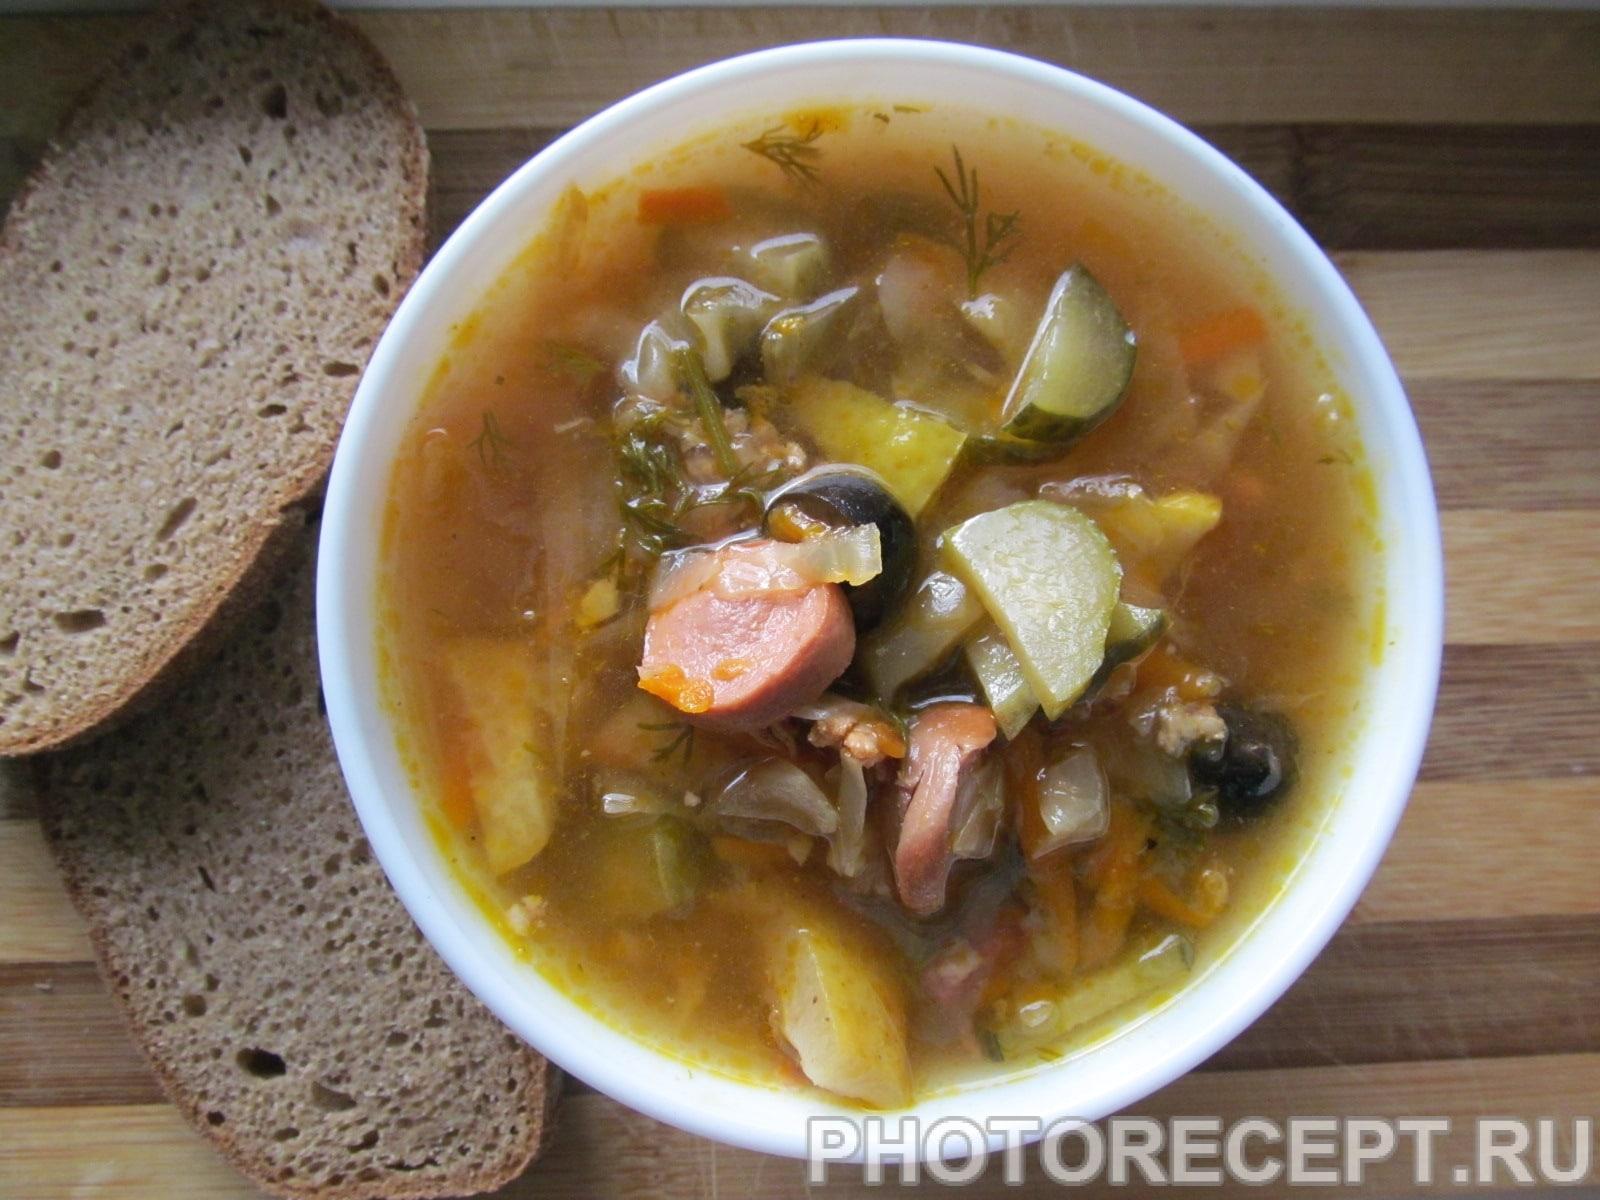 Суп домашняя 27